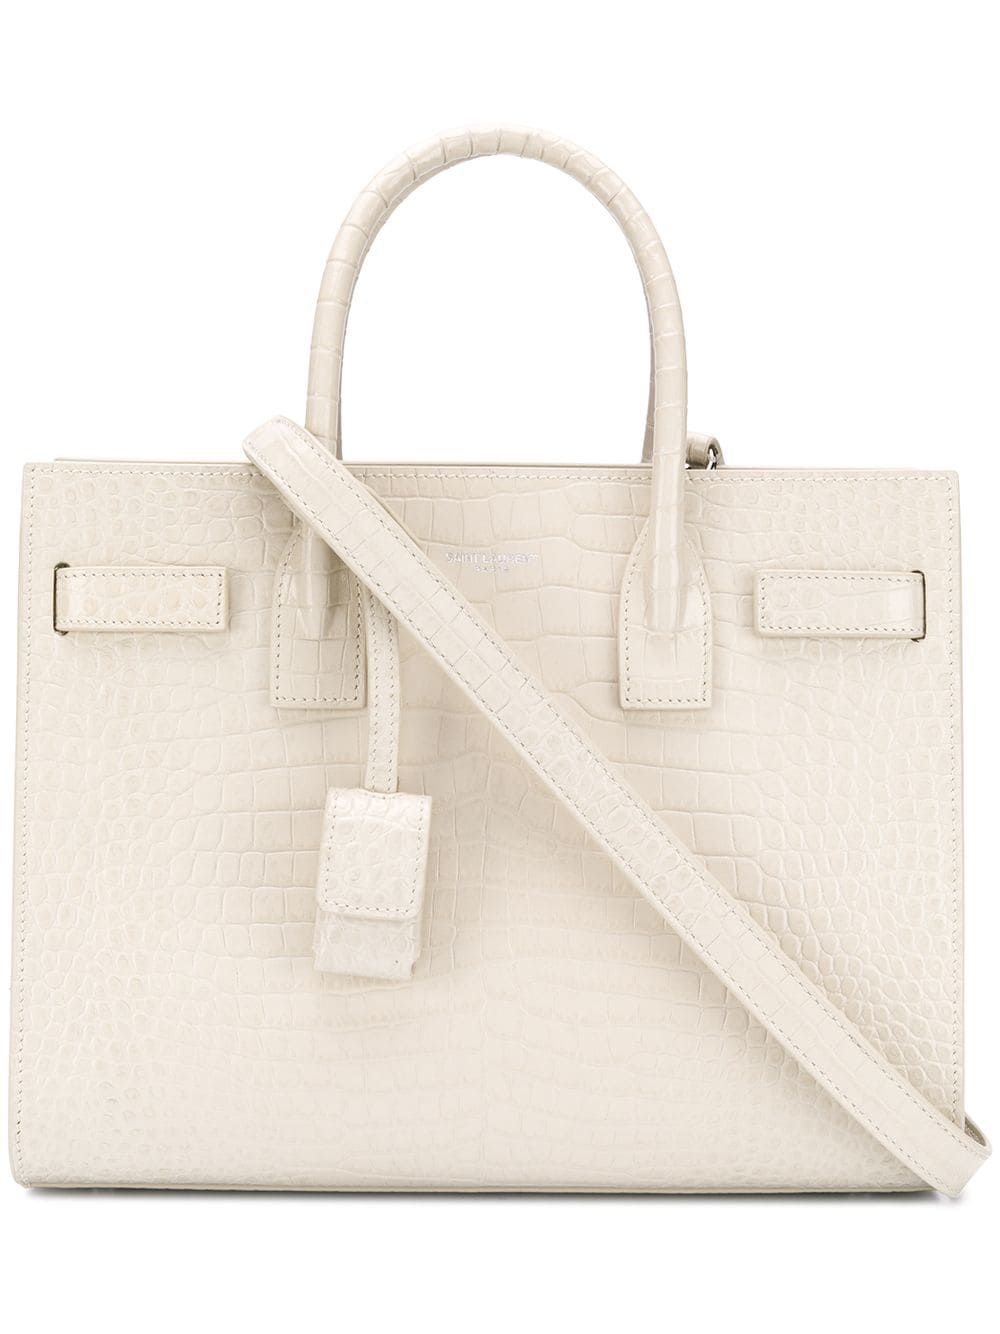 d1540b654d2 Saint Laurent Sac de Jour tote bag - Neutrals in 2019 | Products ...